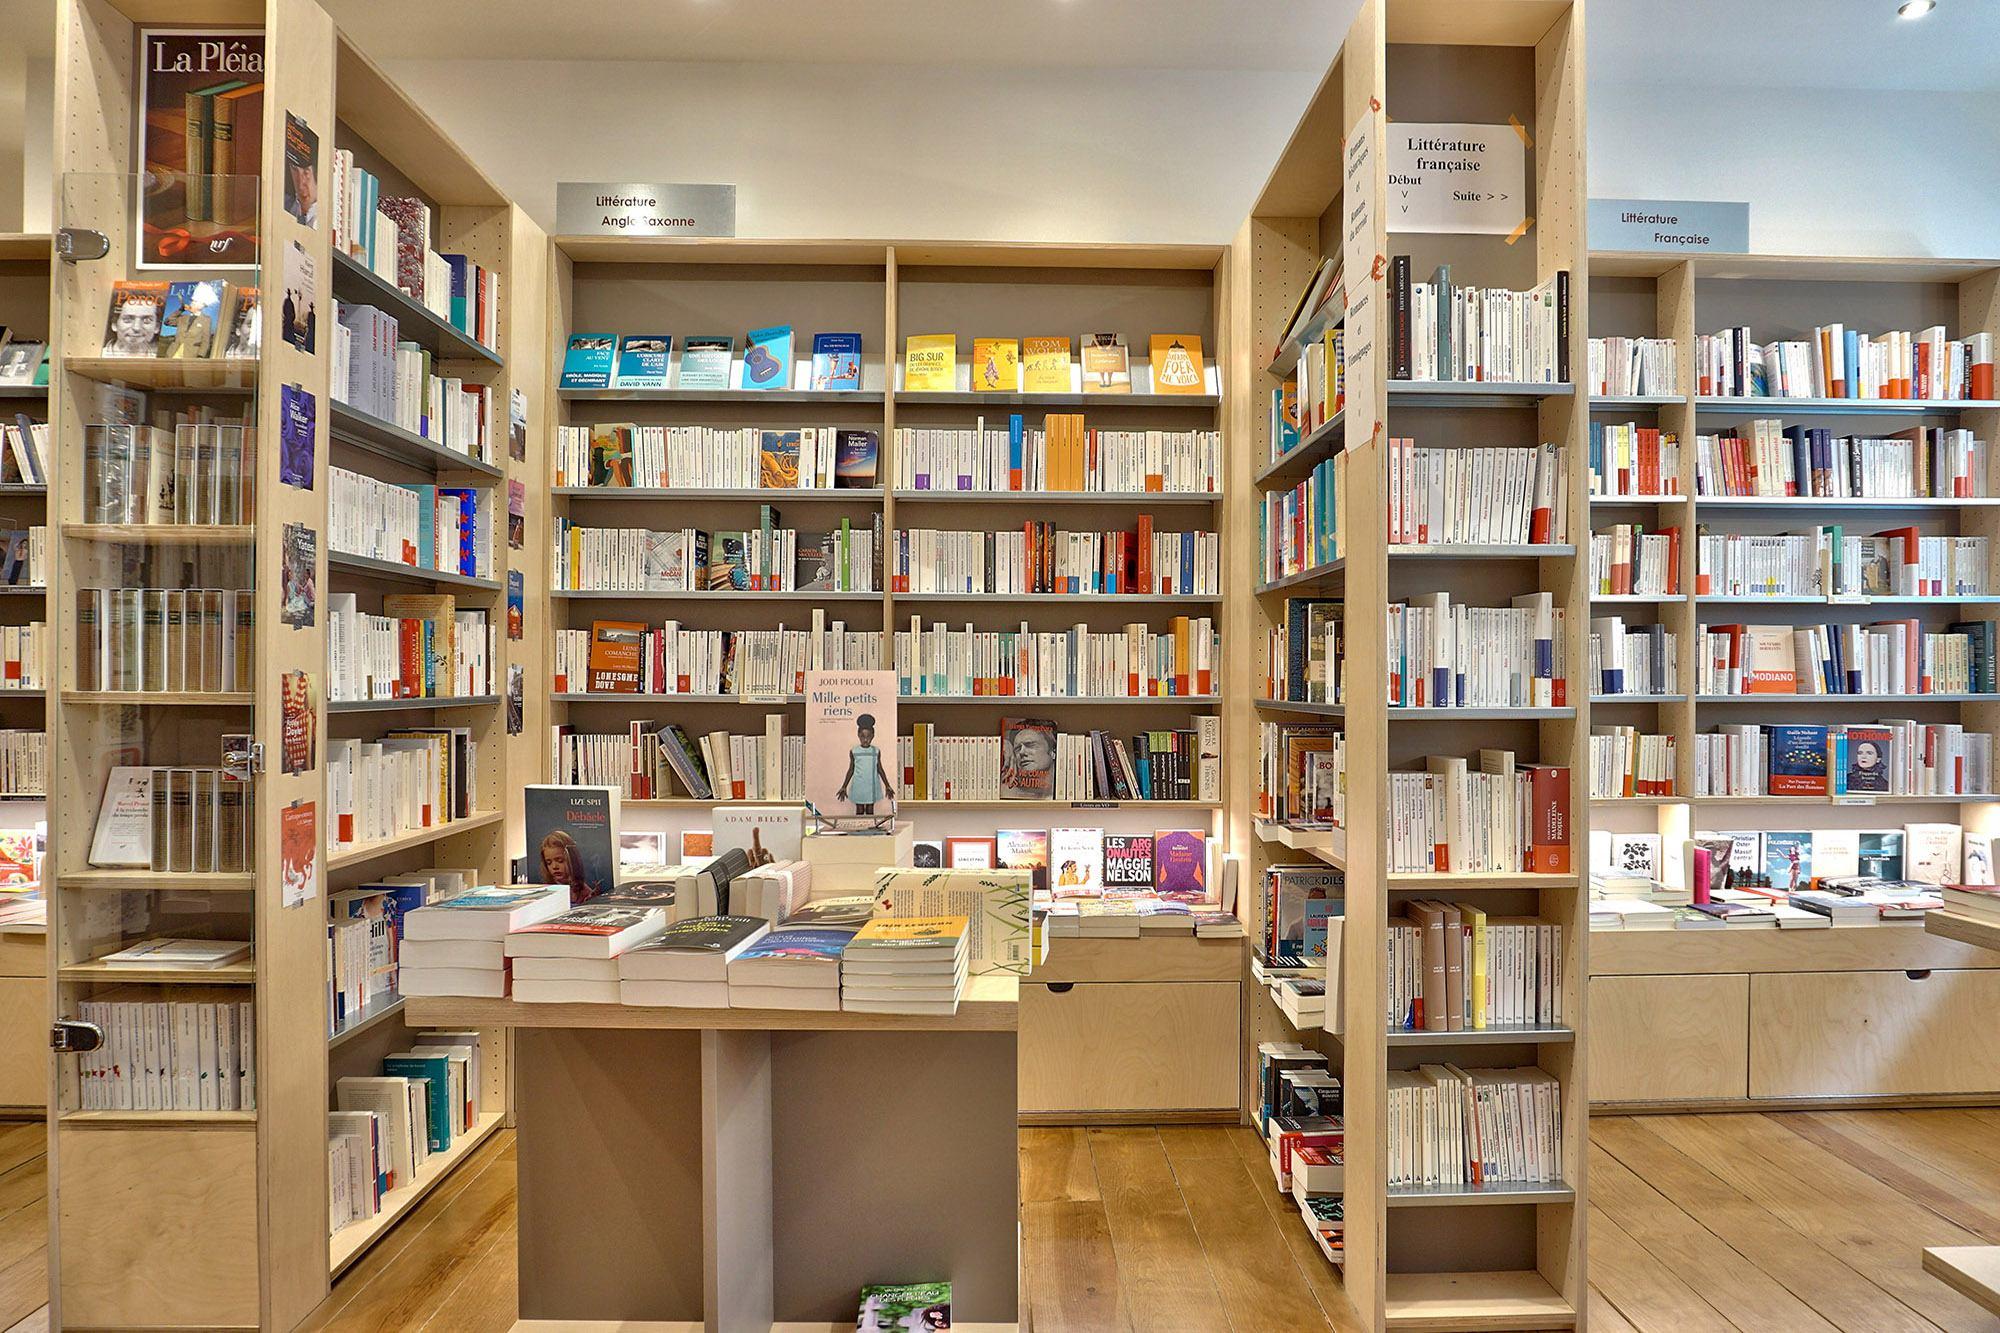 photo intérieur de la librairie réalisée pendant la visite virtuelle de La Maison Jaune